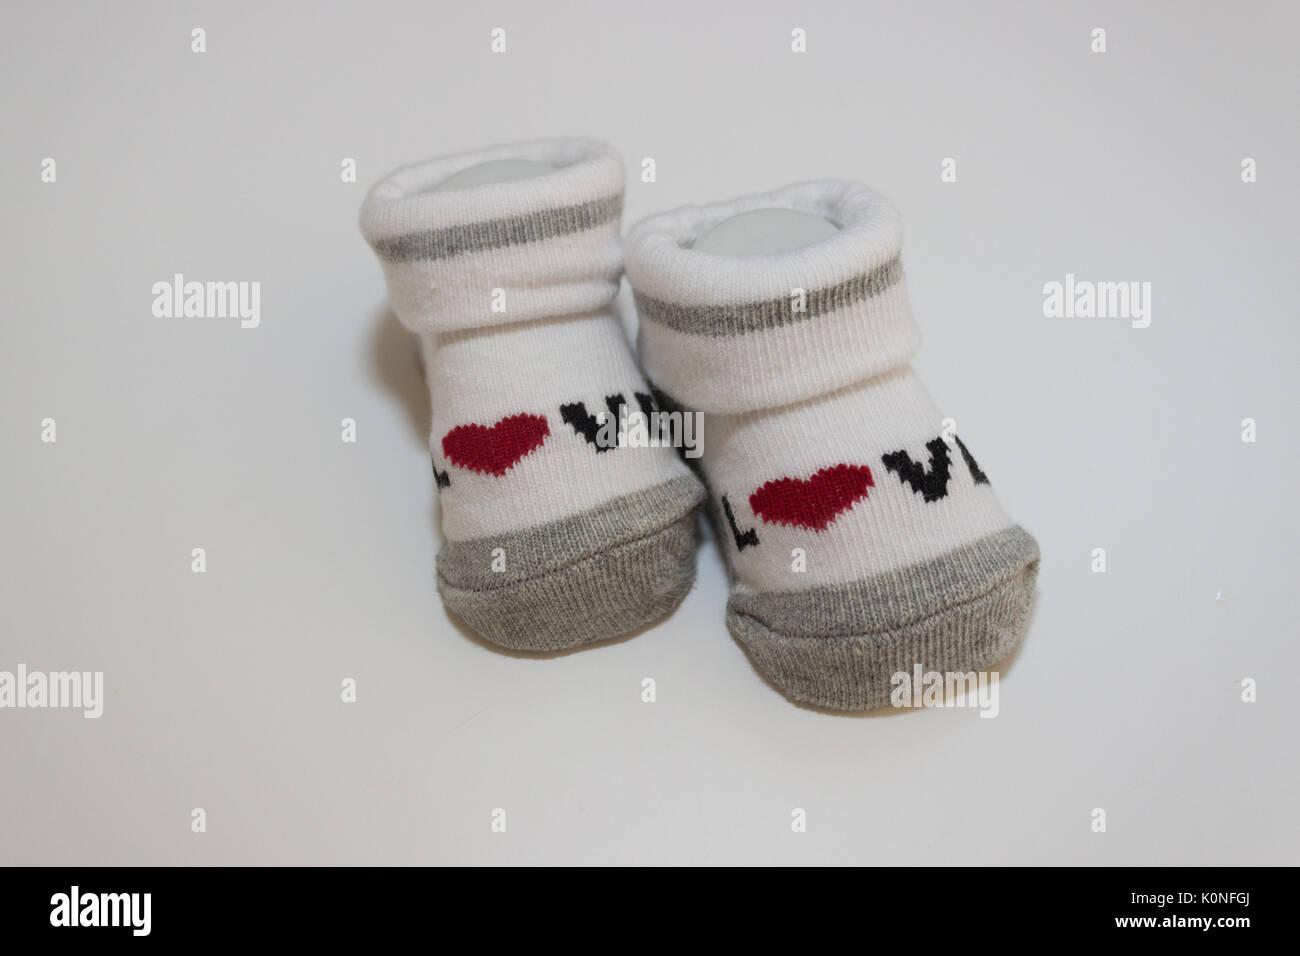 26e4324356ae60 Gestreifter Baby Socken auf weißem Hintergrund Stockfoto, Bild ...